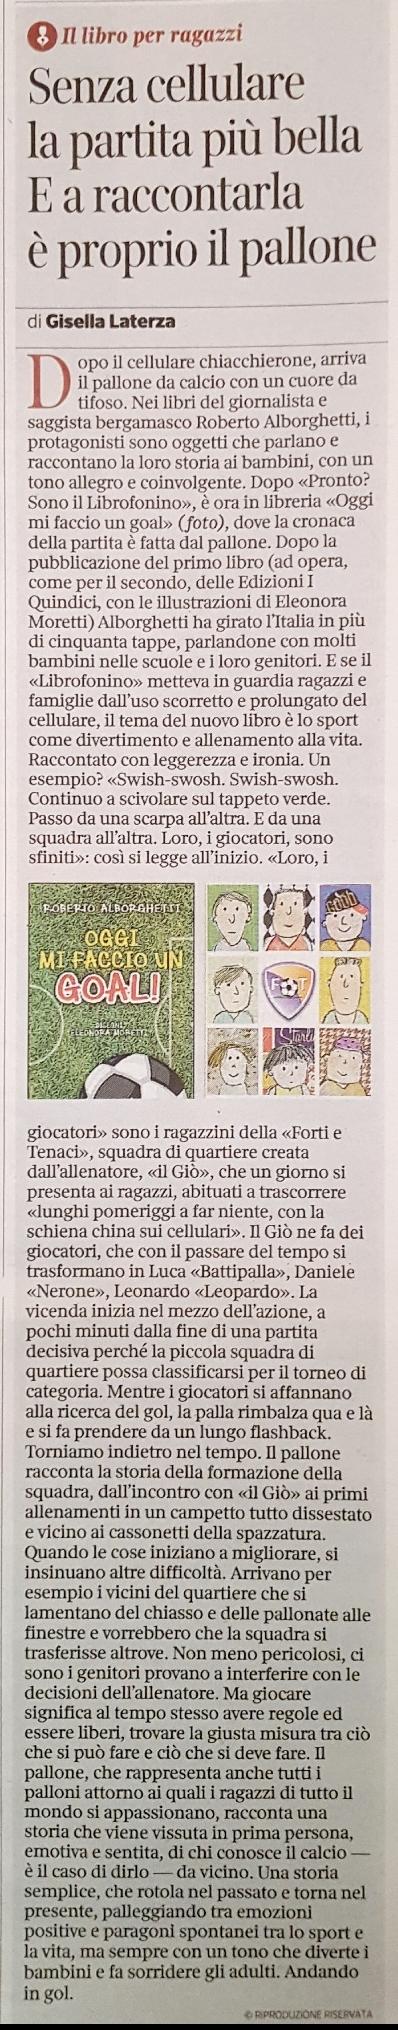 Corriere della Sera 5 12 17